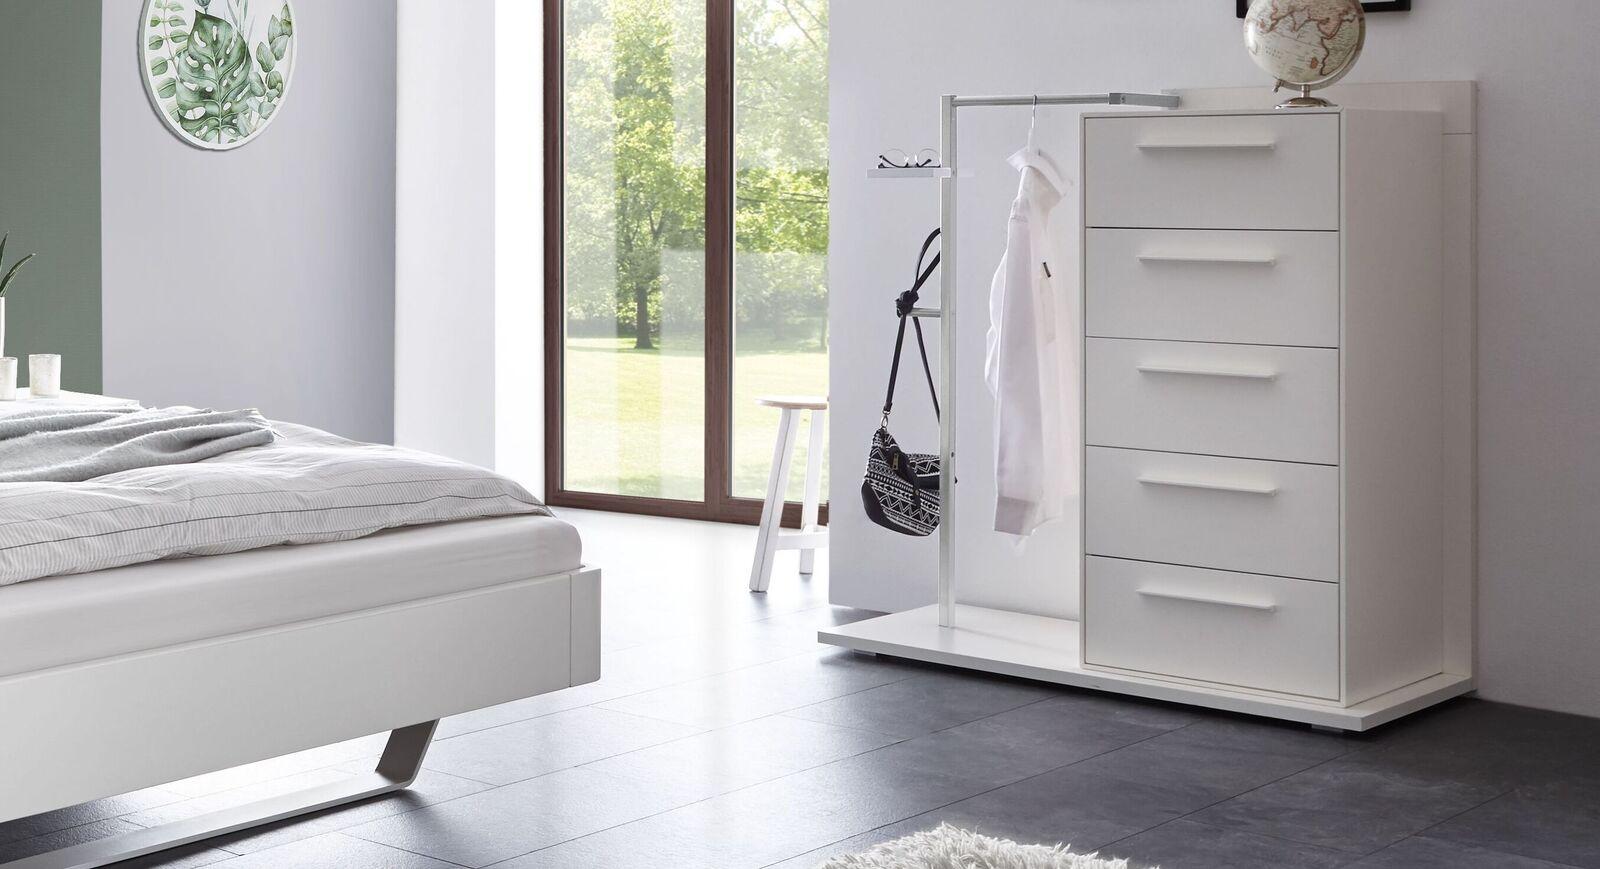 Garderoben-Kommode Cilona als Herrendiener fürs Schlafzimmer